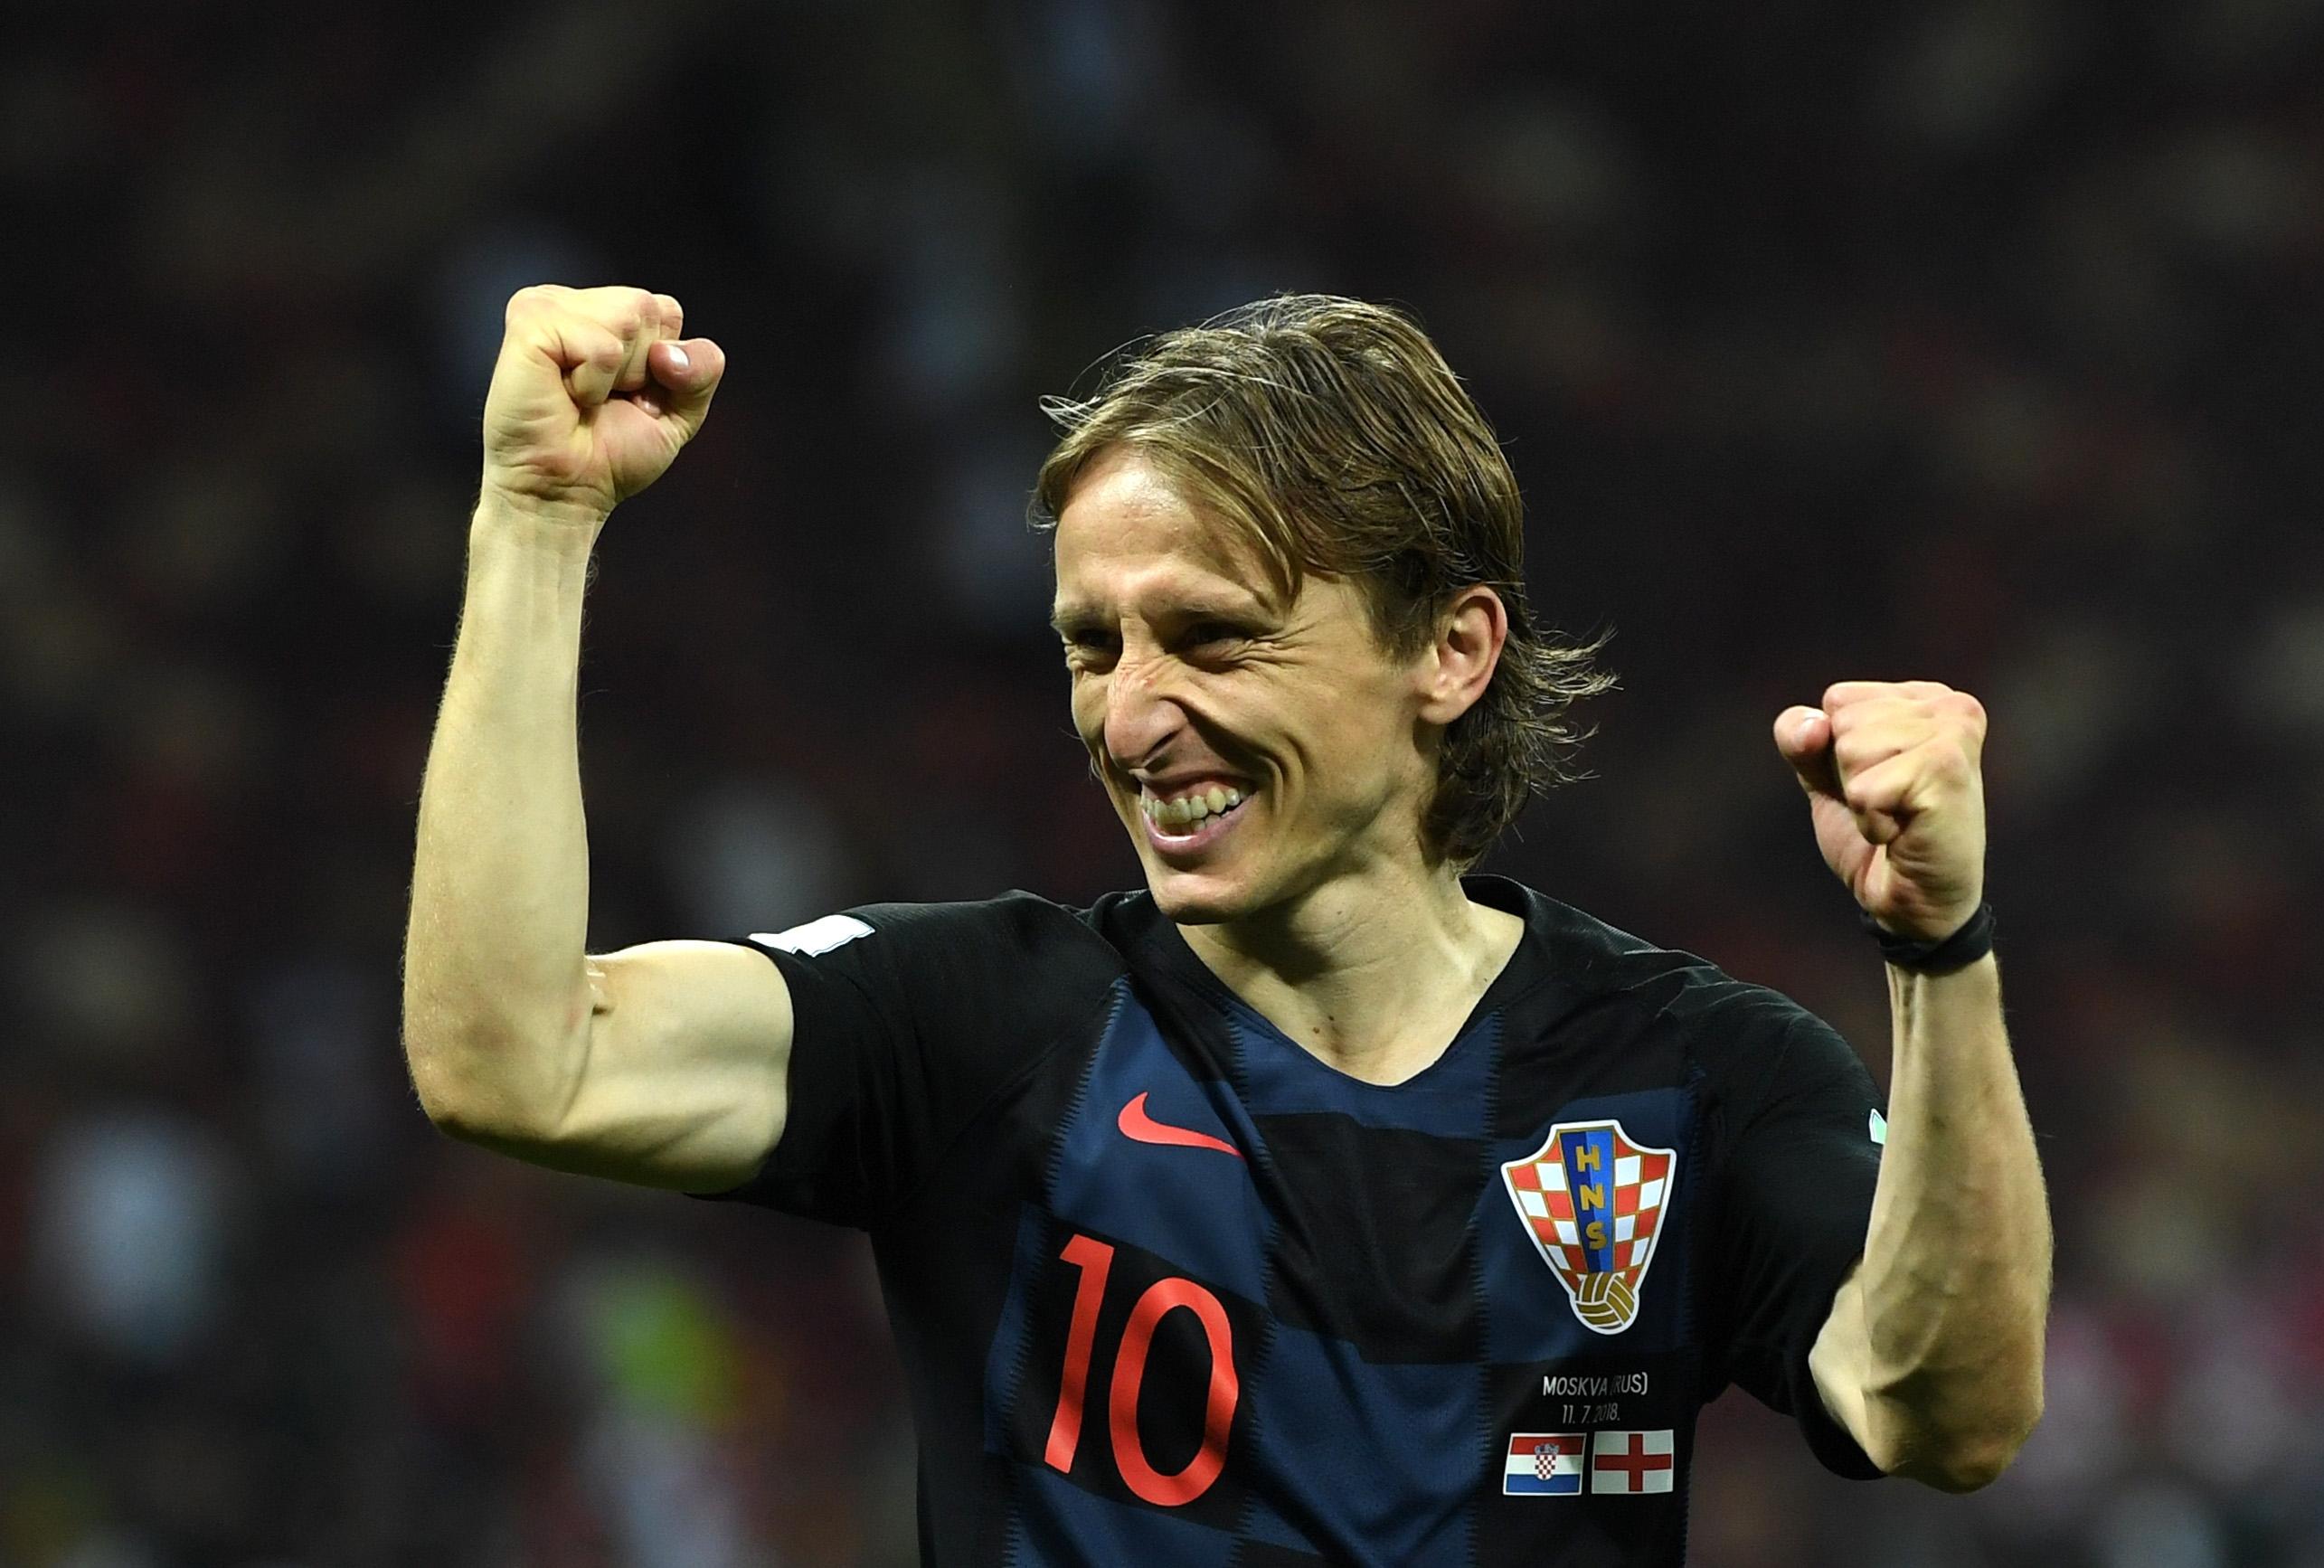 Една от големите звезди на Хърватия - Лука Модрич, упрекна